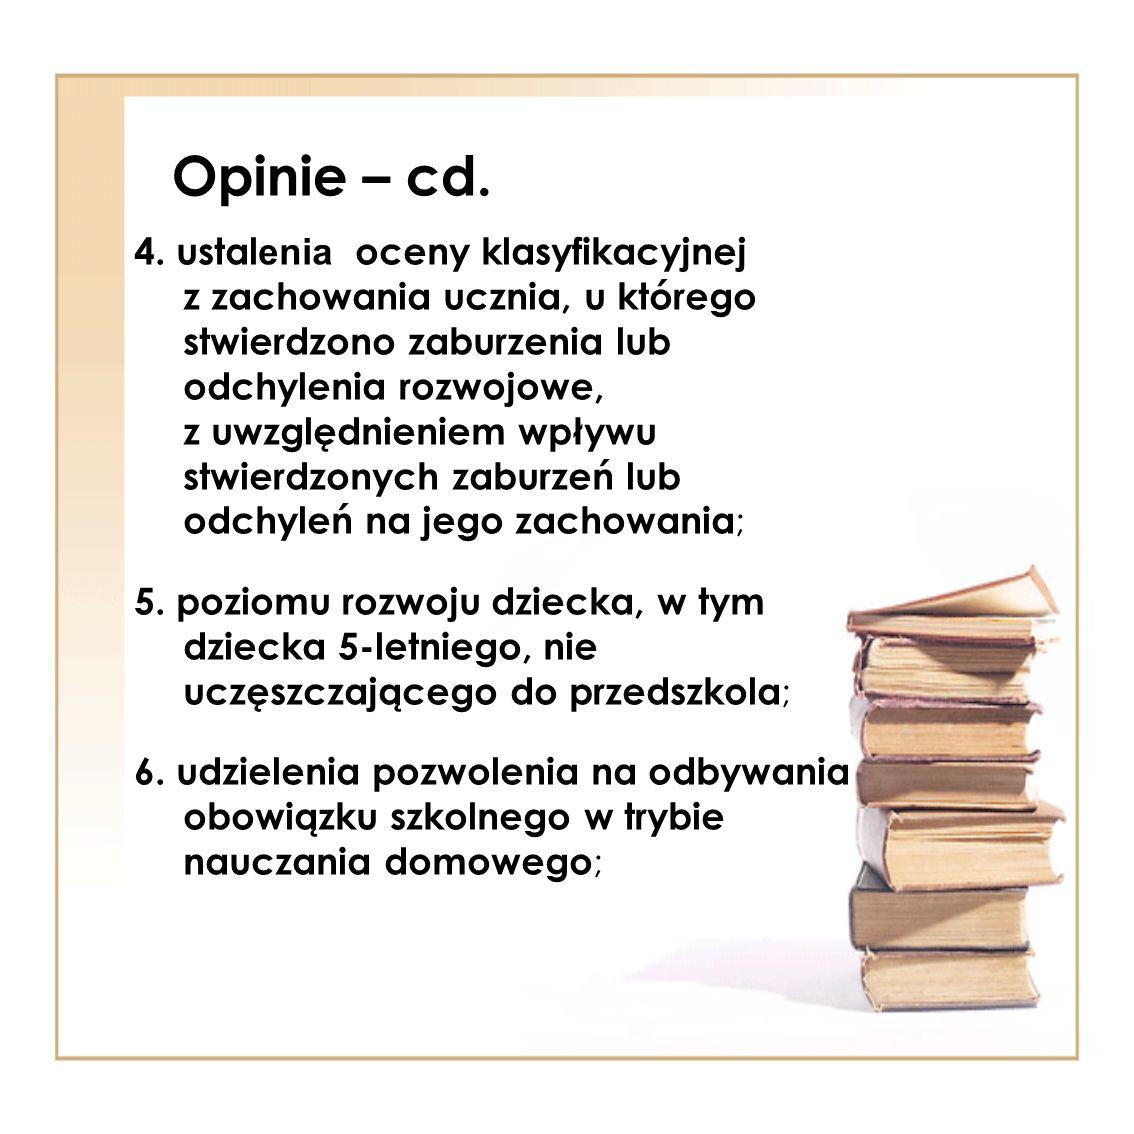 Opinie – cd. 4. ustal enia oceny klasyfikacyjnej z zachowania ucznia, u którego stwierdzono zaburzenia lub odchylenia rozwojowe, z uwzględnieniem wpły